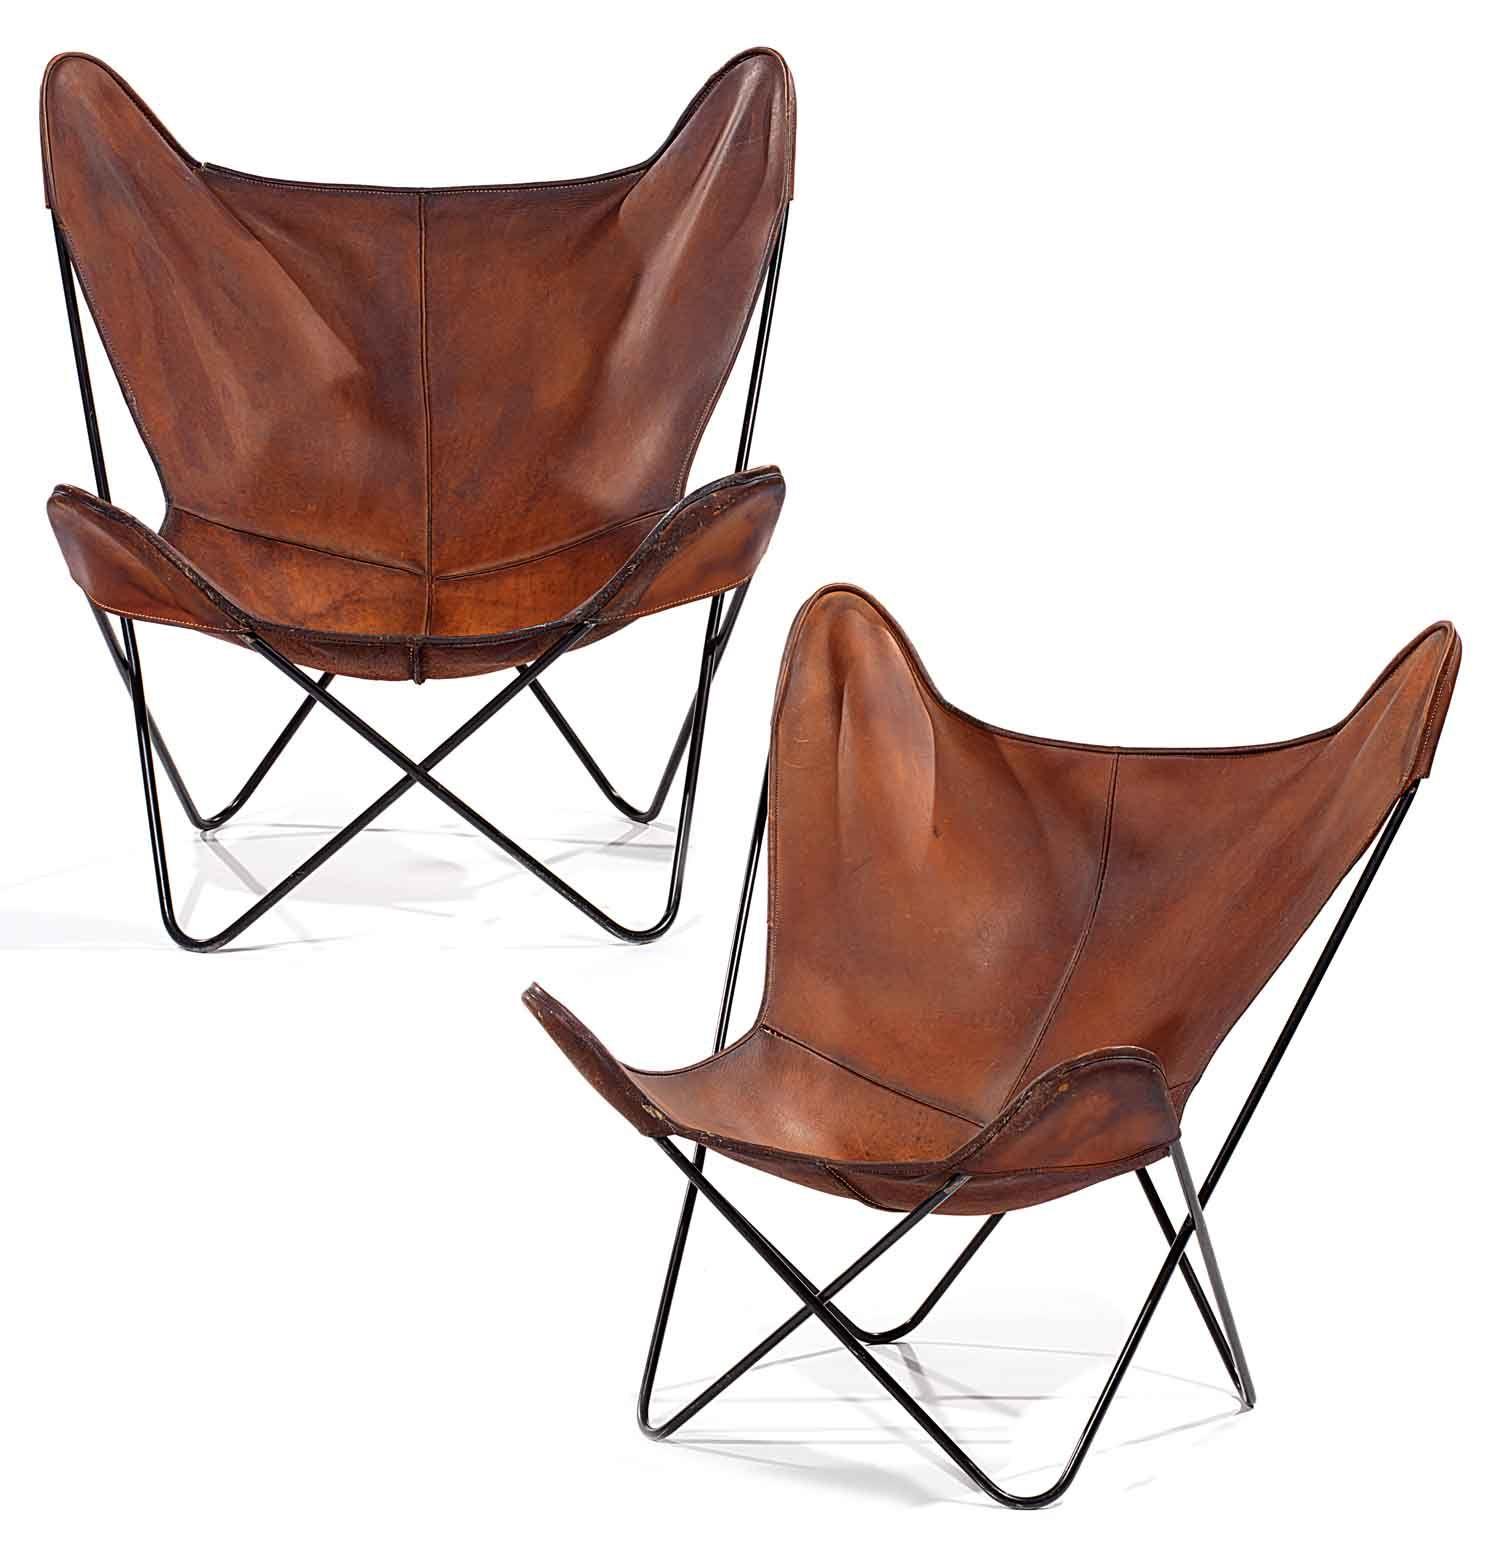 chaise pliante casa fauteuil rotin casa meilleur de photos landeau retro vintage osier with. Black Bedroom Furniture Sets. Home Design Ideas